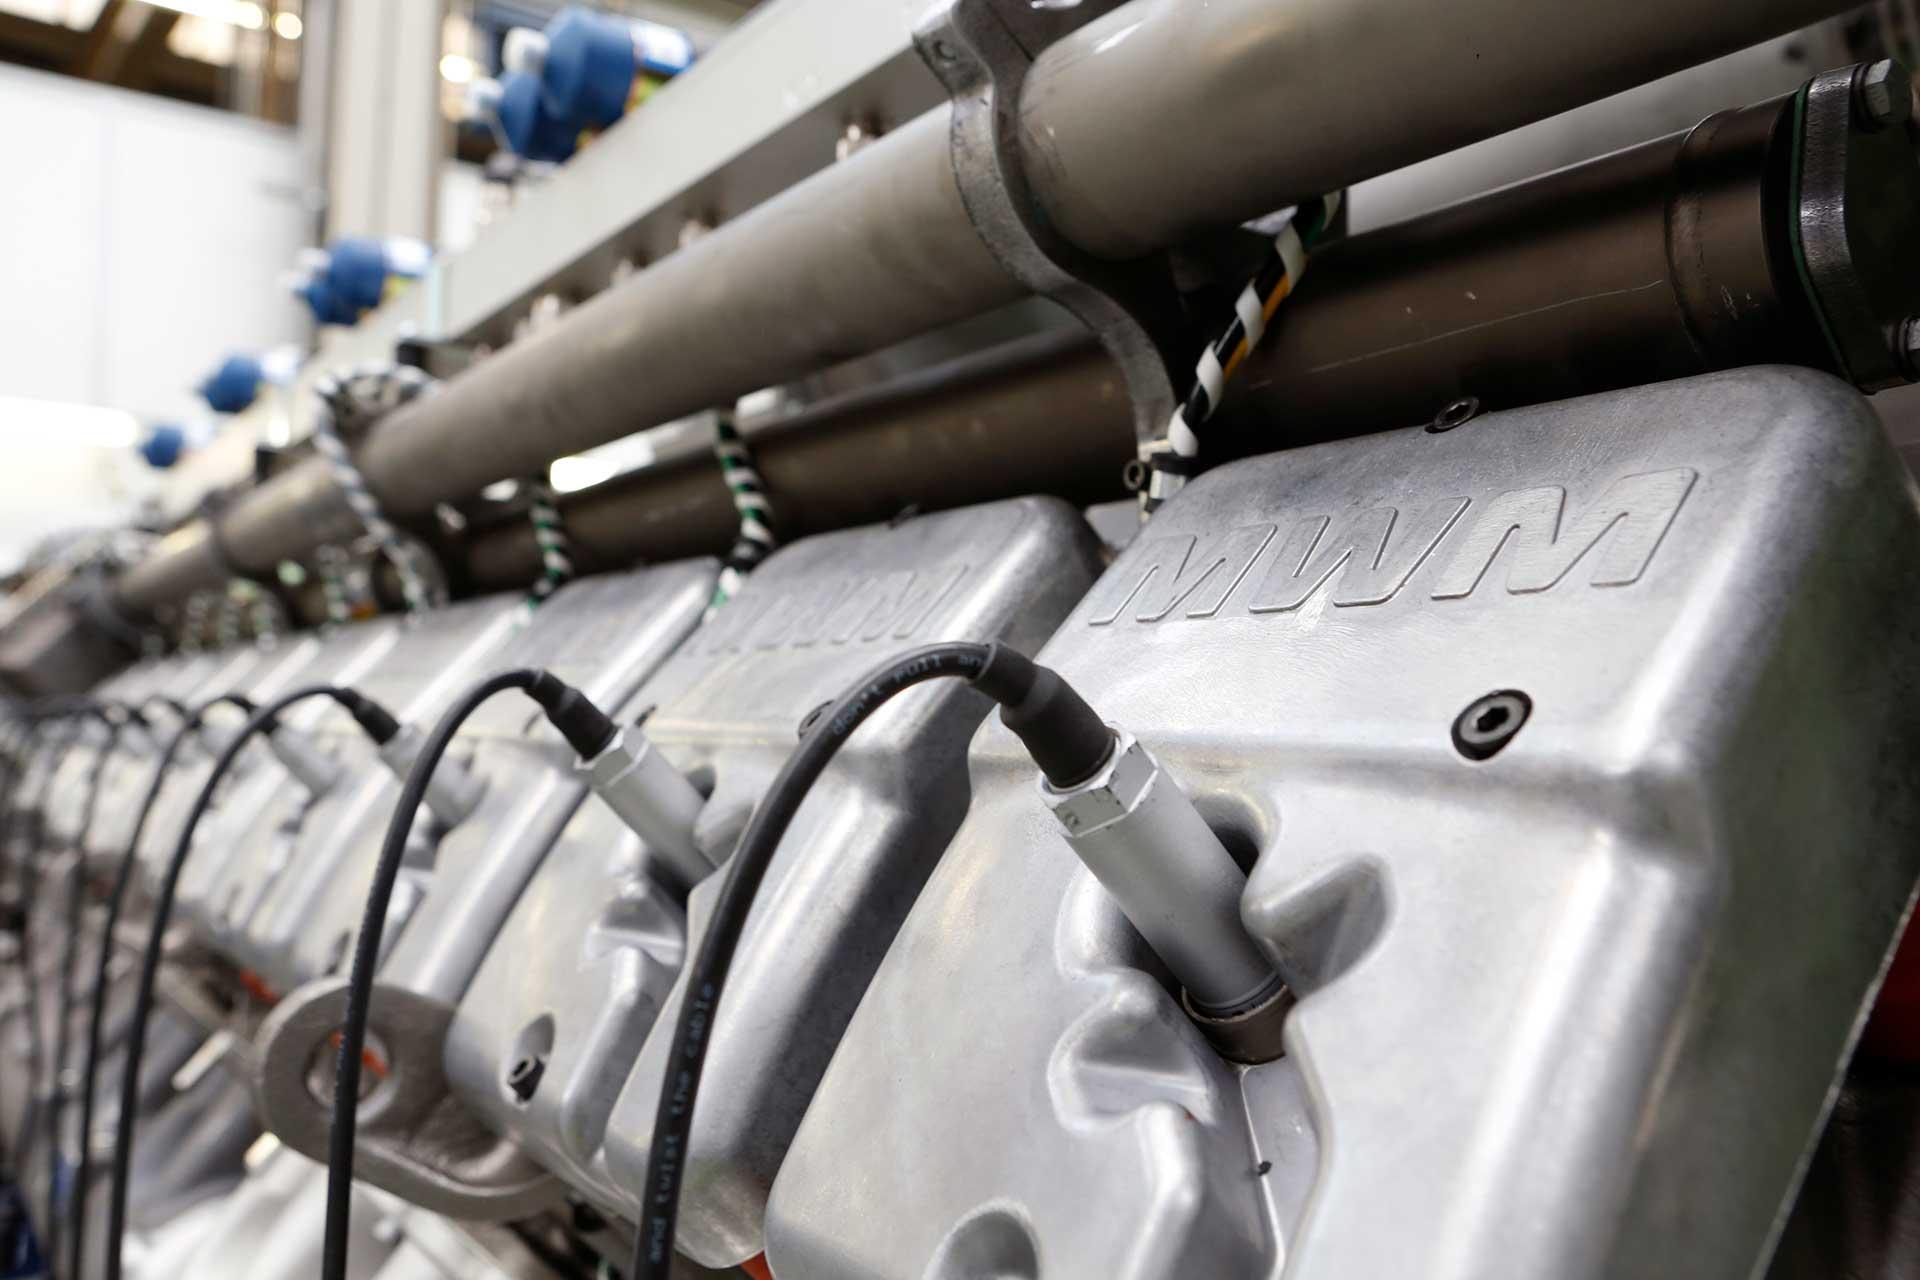 mwm-gas-engines-1_1920x1280